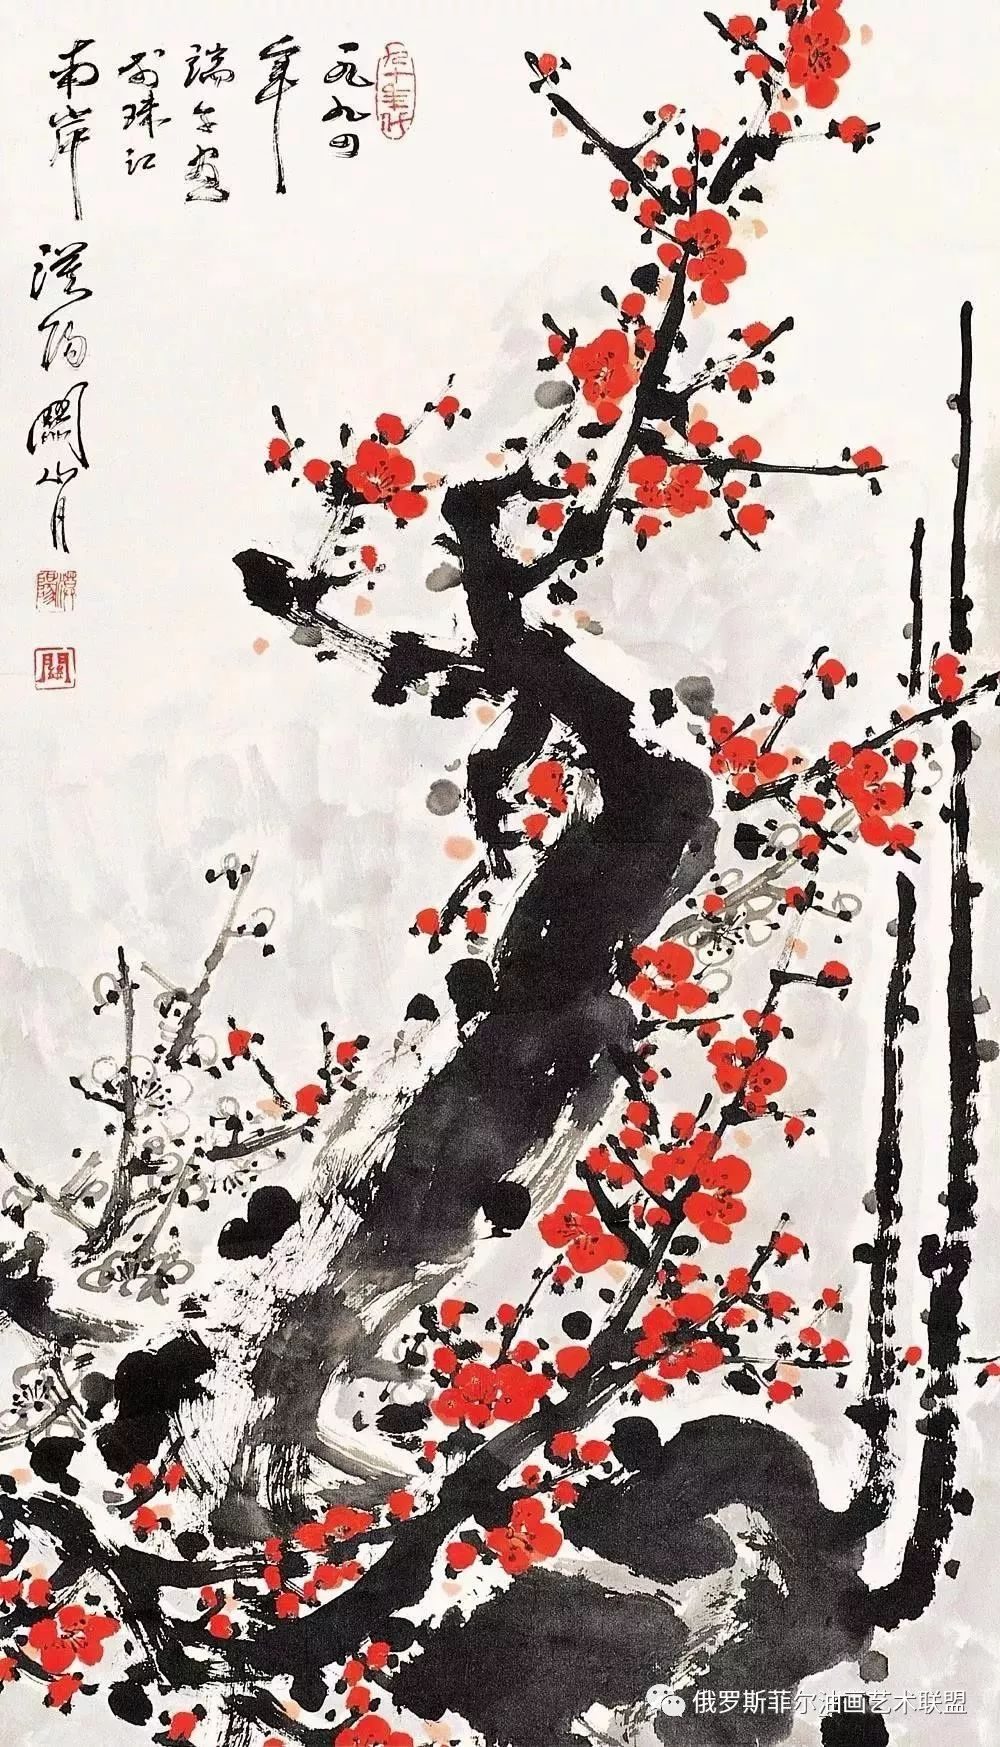 中国著名画家关山月画梅第一人,他的梅花超凡脱俗!图片